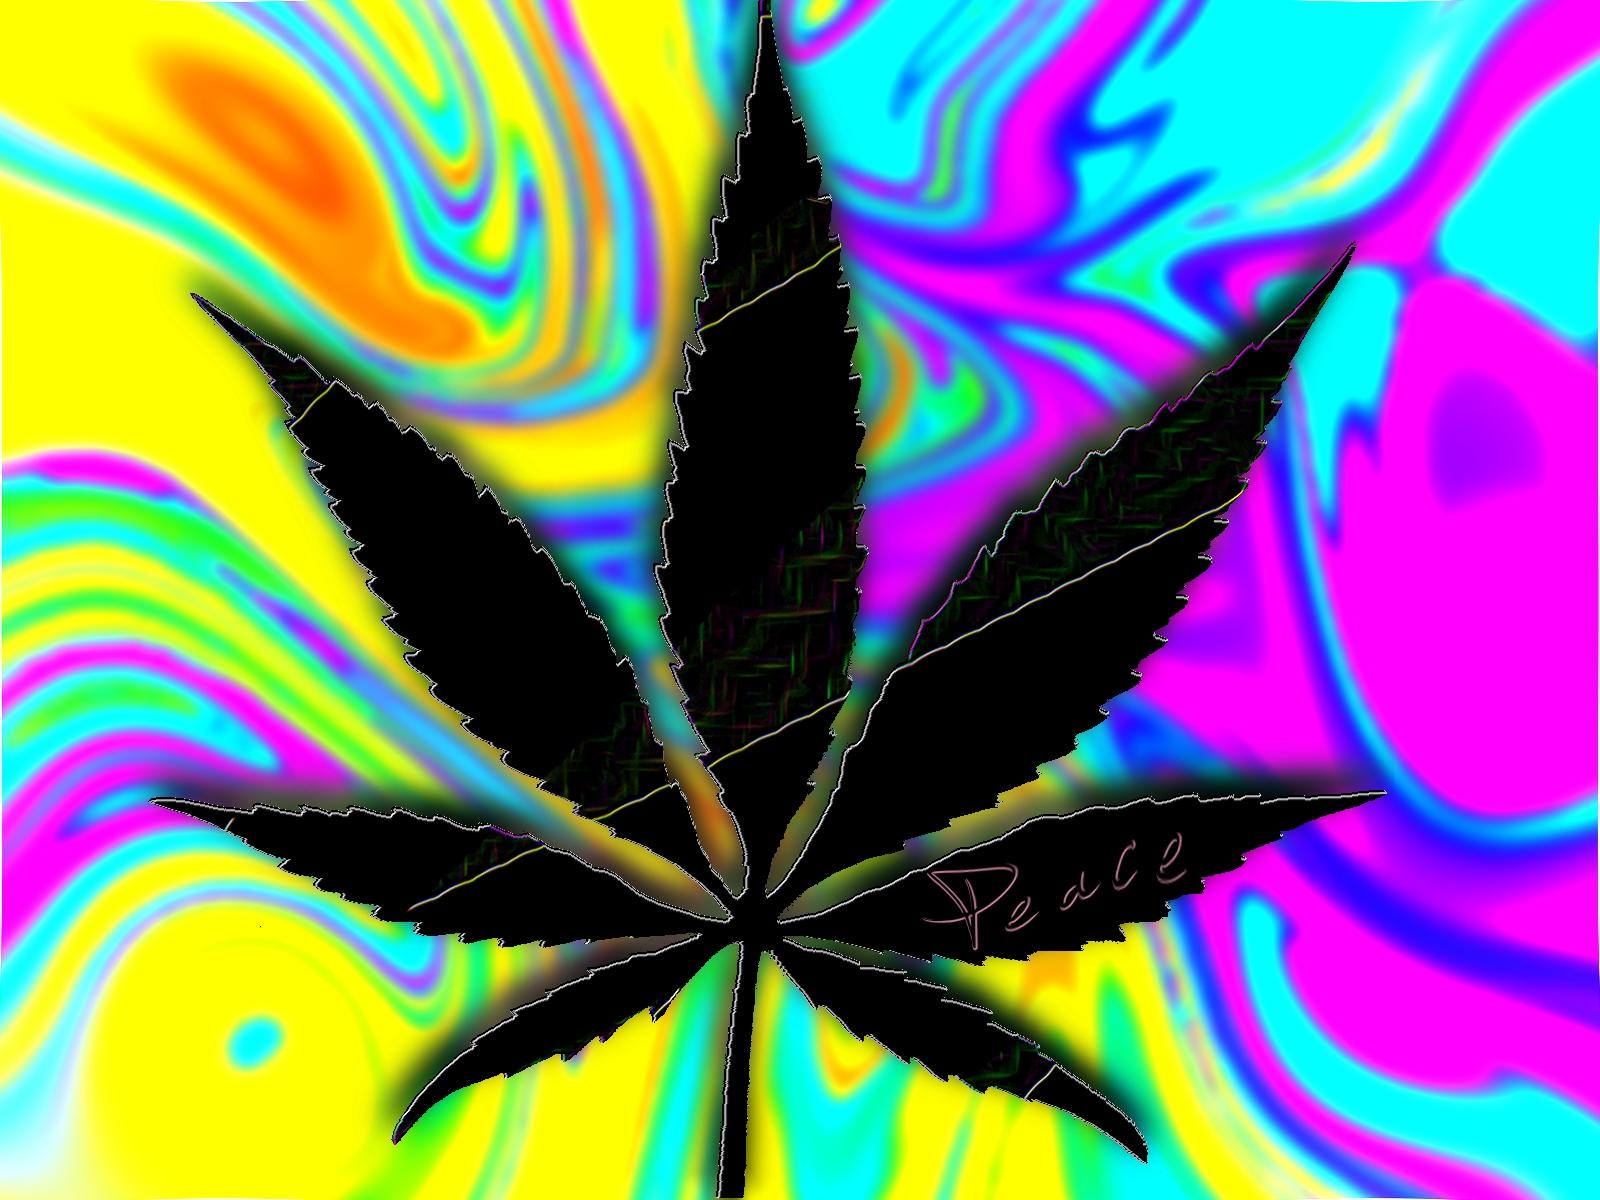 Trippy Weed Hd 1600x1200